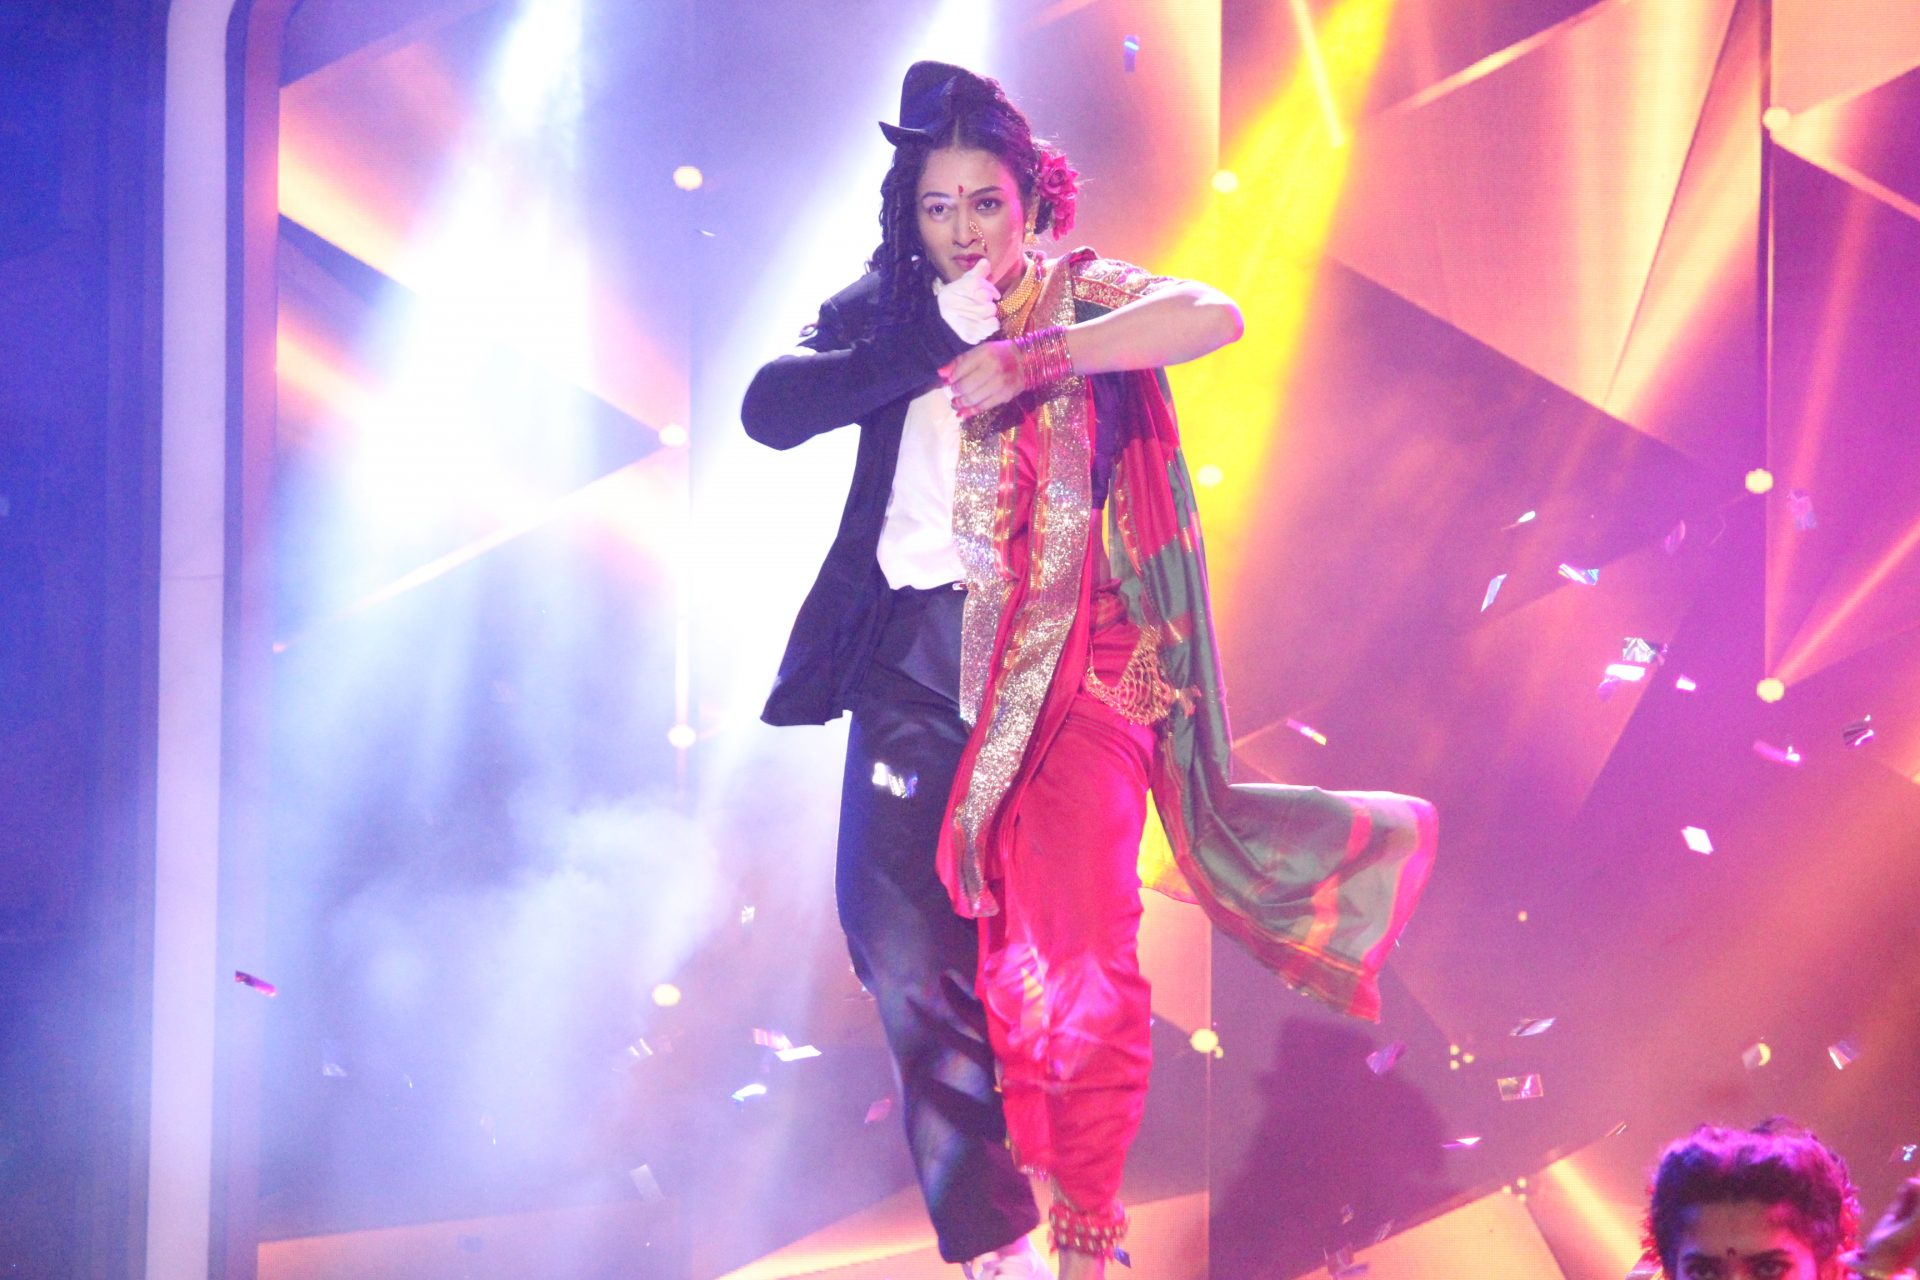 'युवा डान्सिंग क्वीन'च्या मंचावर एमजे स्टाईल लावणी!!!